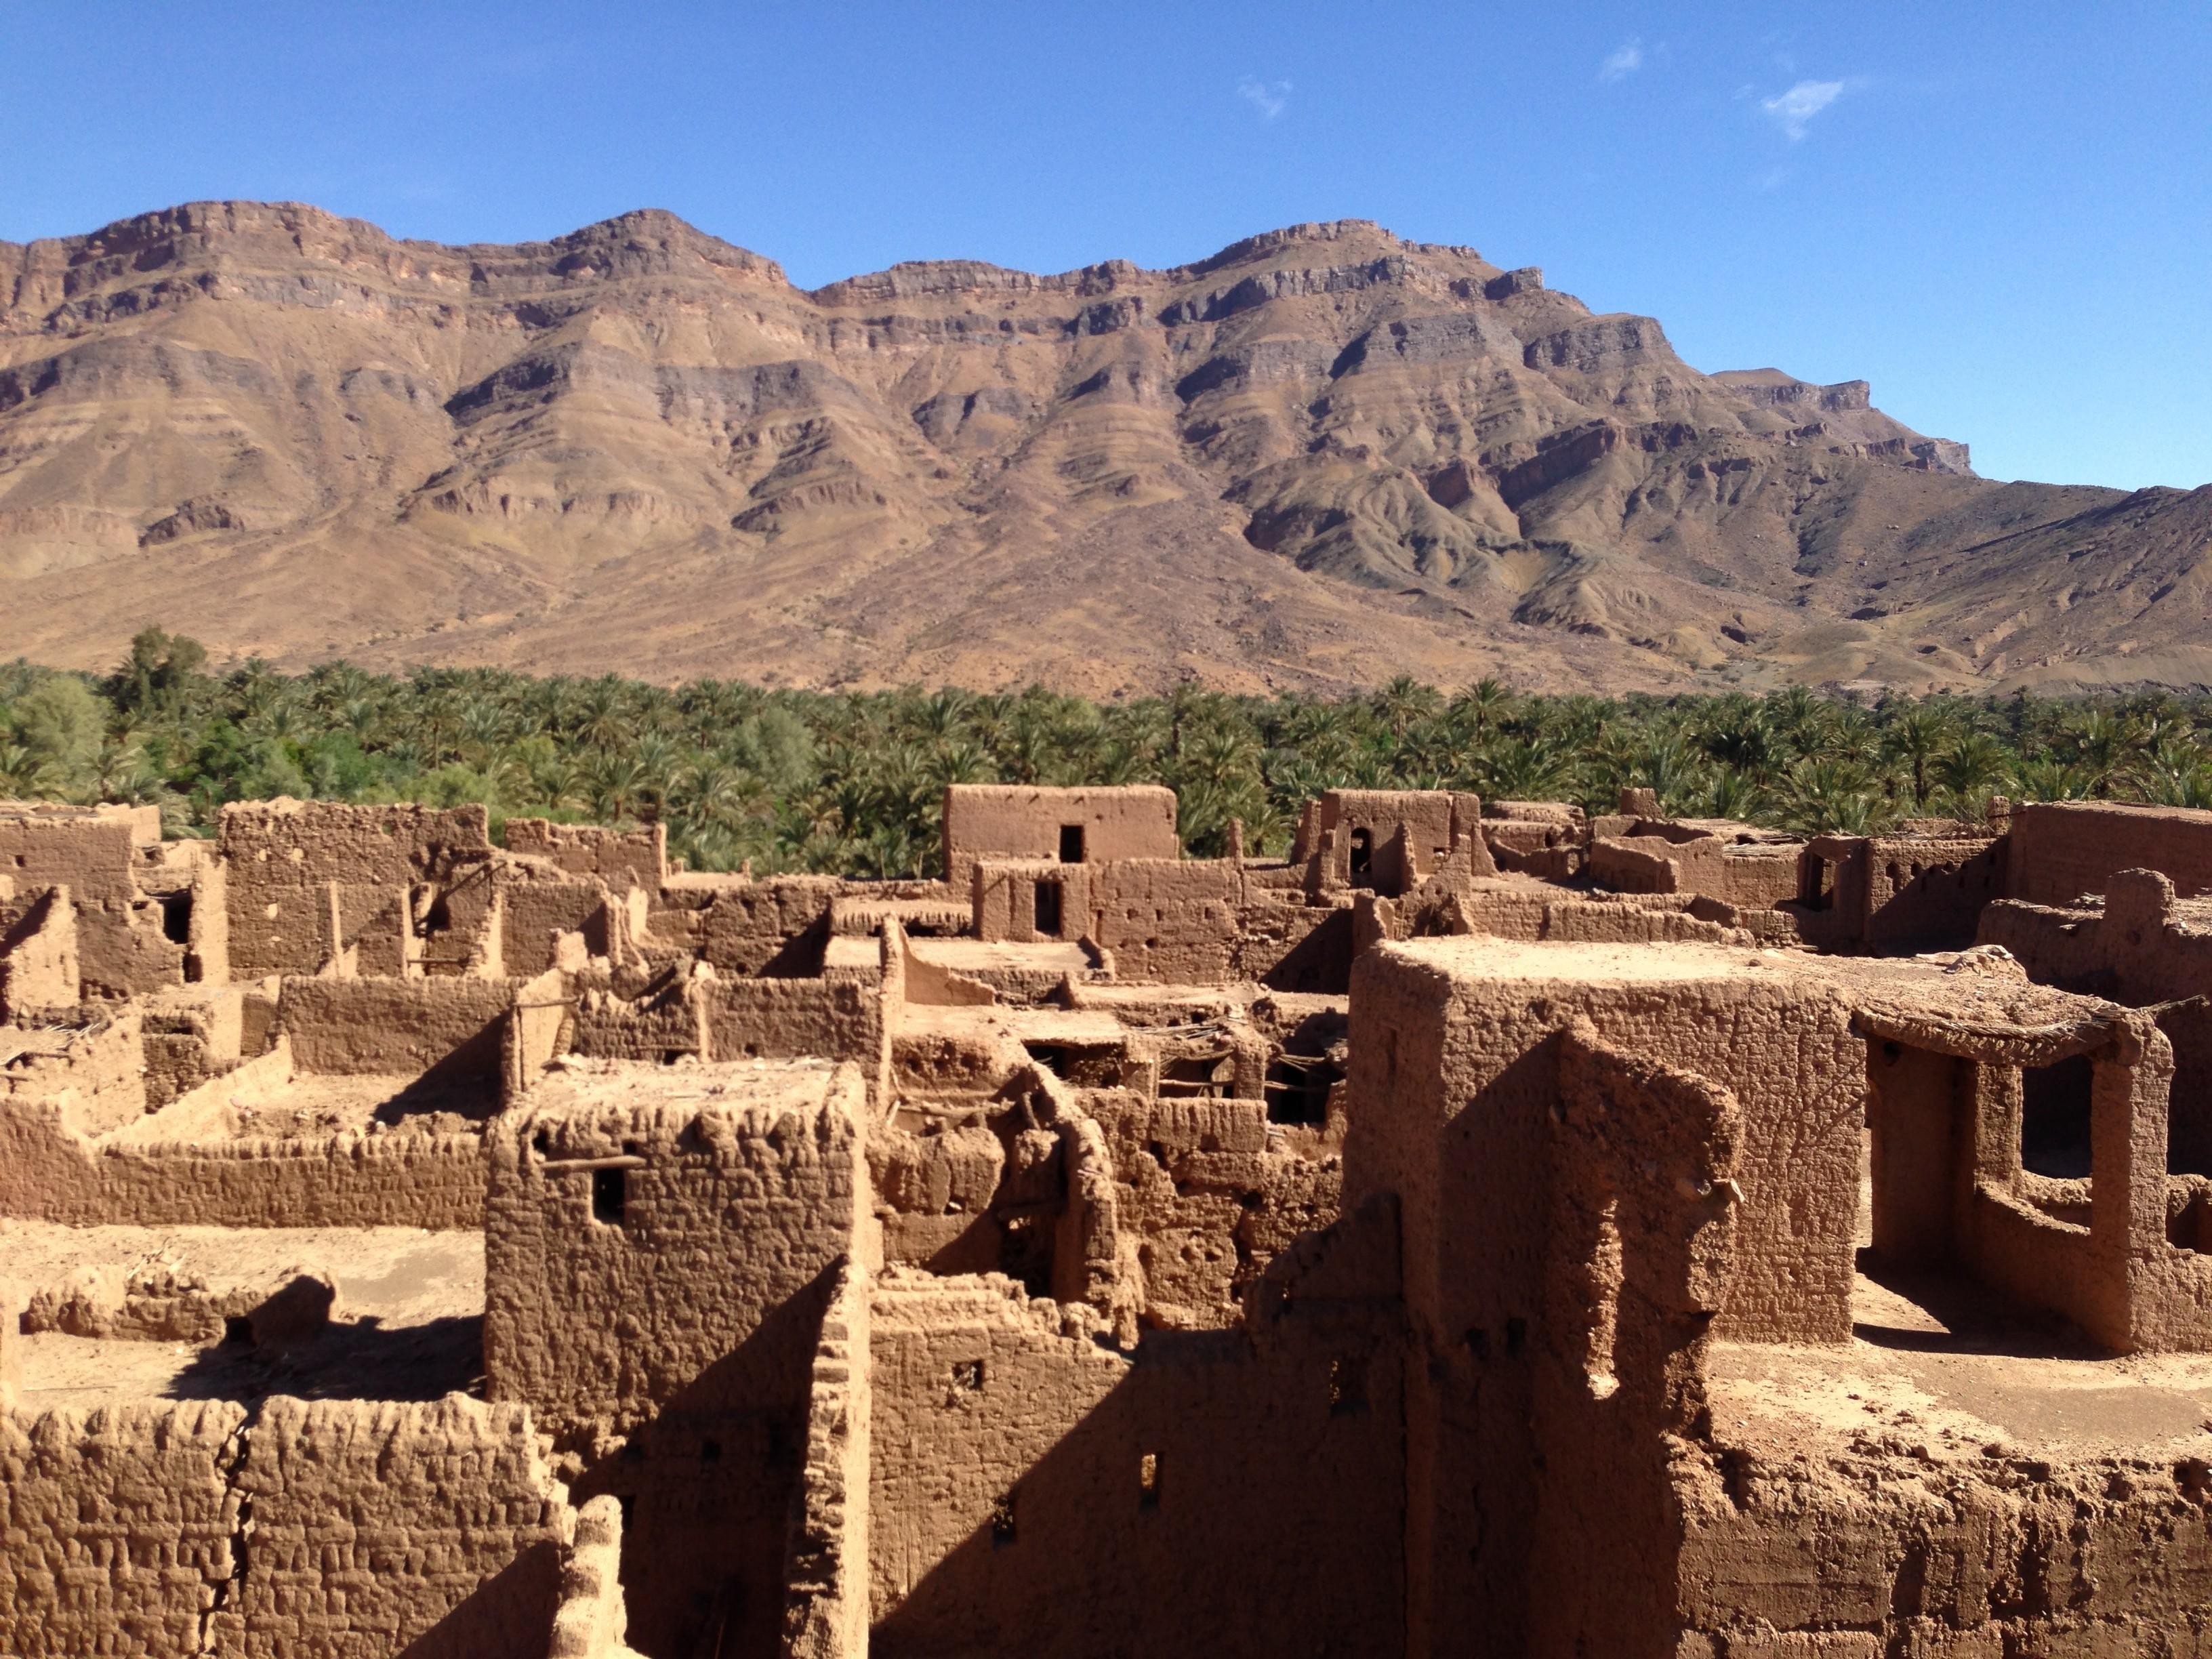 Échappées belles sur le Maroc et la générosité du sud sur France 5 ce 6 août